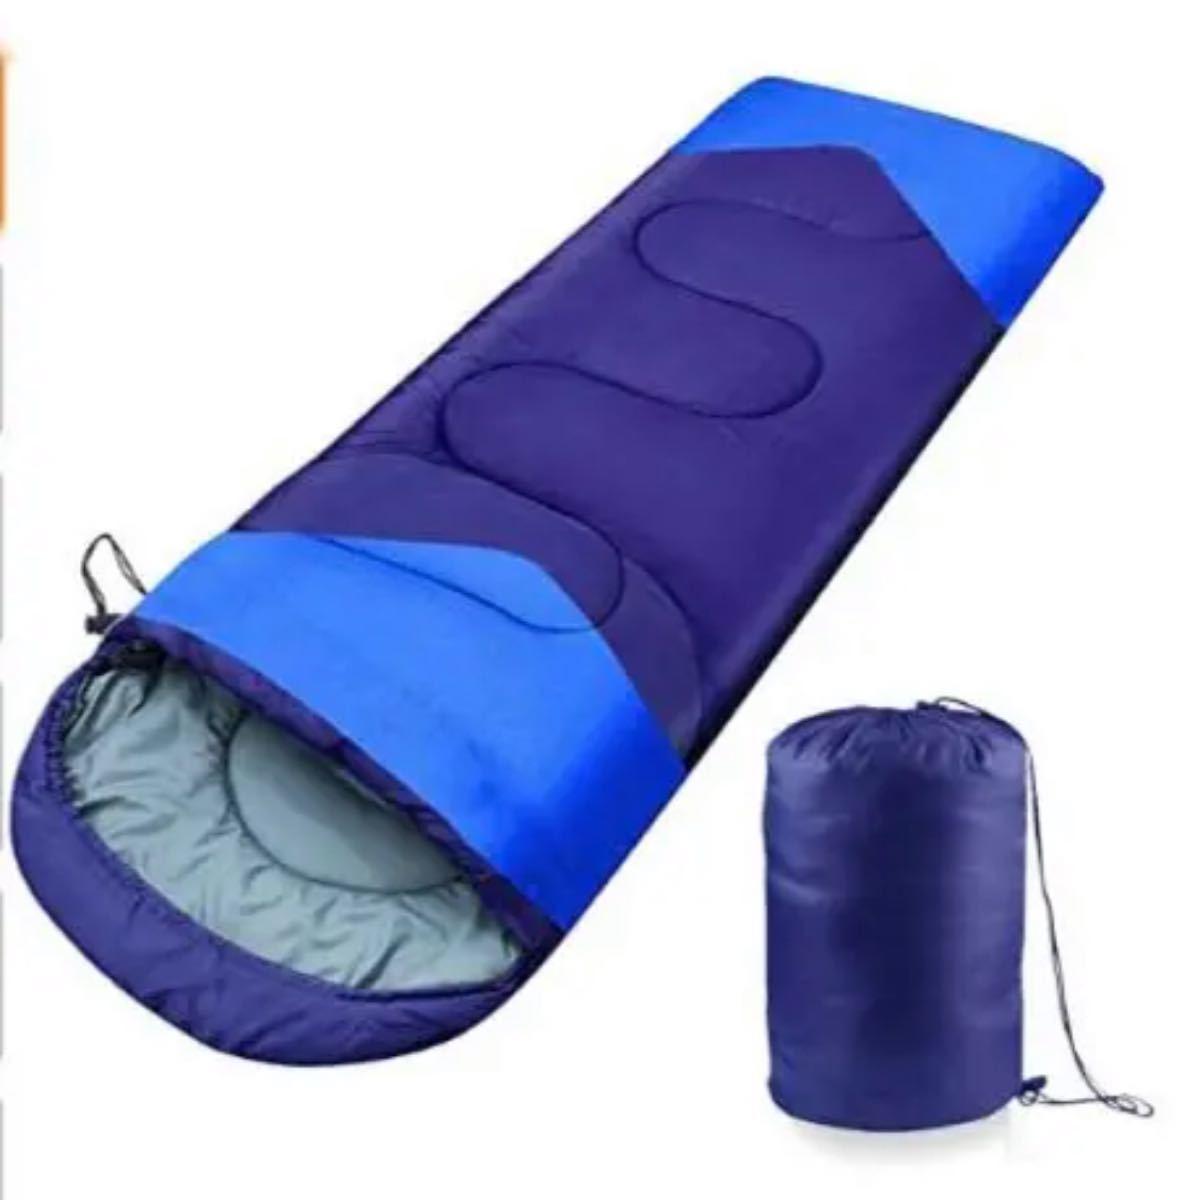 寝袋シュラフ 封筒型シュラフ 1.25kg